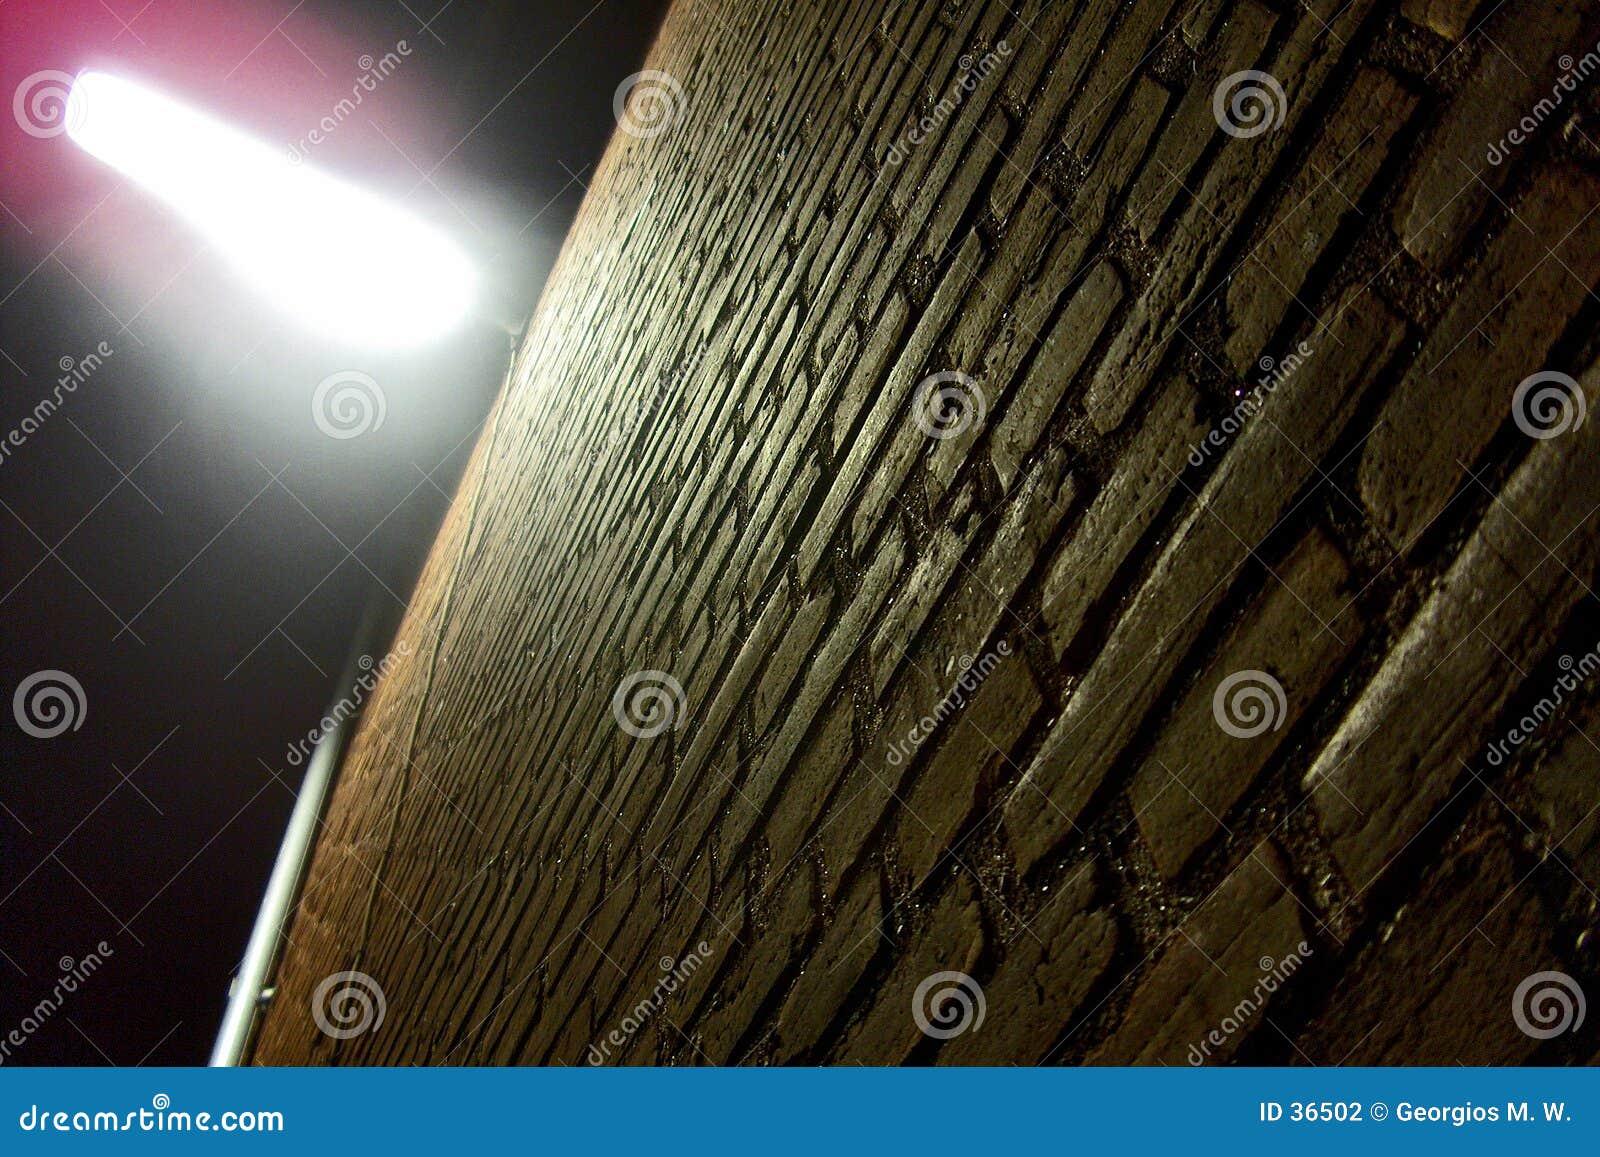 Download La pared foto de archivo. Imagen de ladrillos, perspectiva - 36502